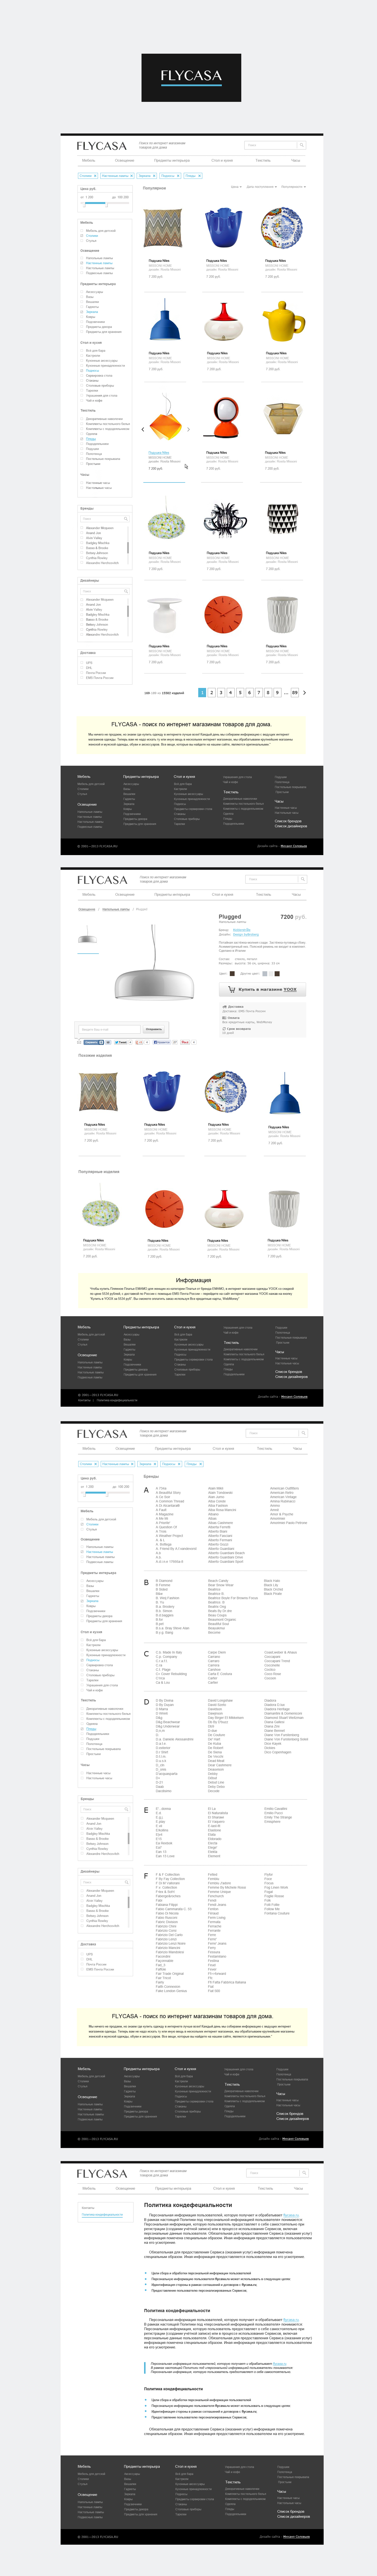 FLYCASA - Интернет-витрина товаров для дома.   www.flycasa.ru